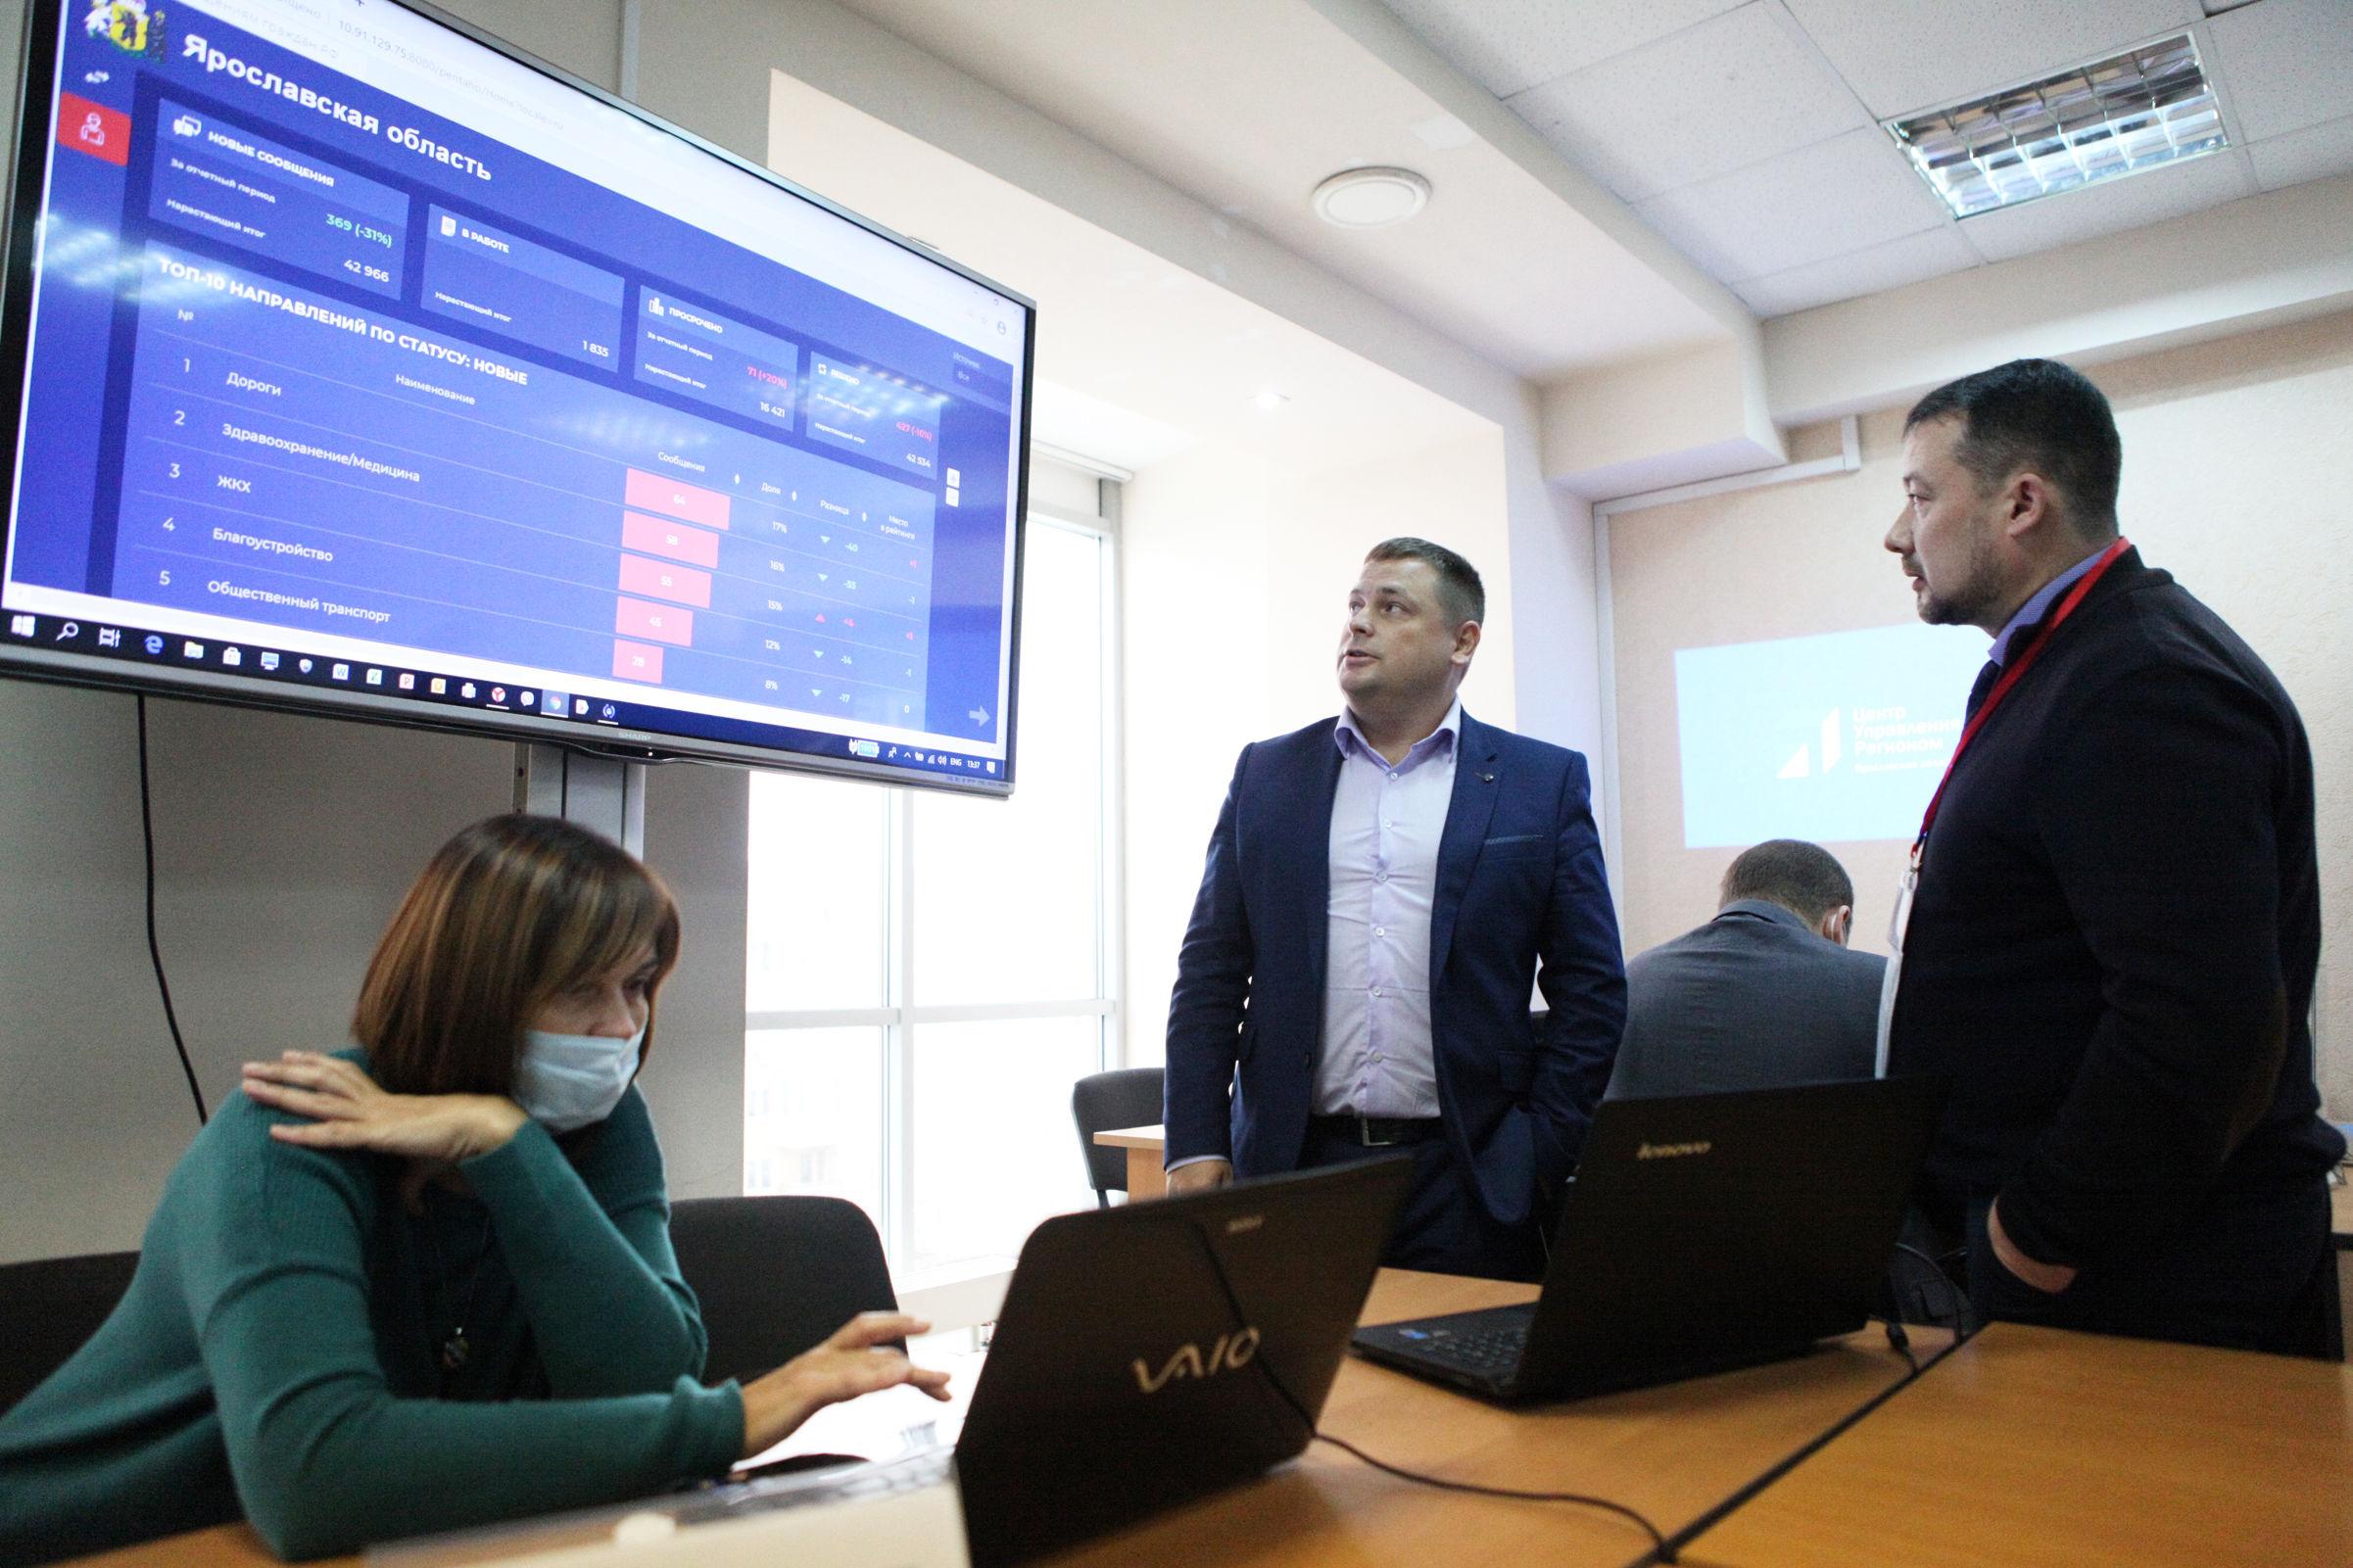 В Ярославской области создан Центр управления регионом: руководитель ЦУРа рассказал о задачах новой структуры